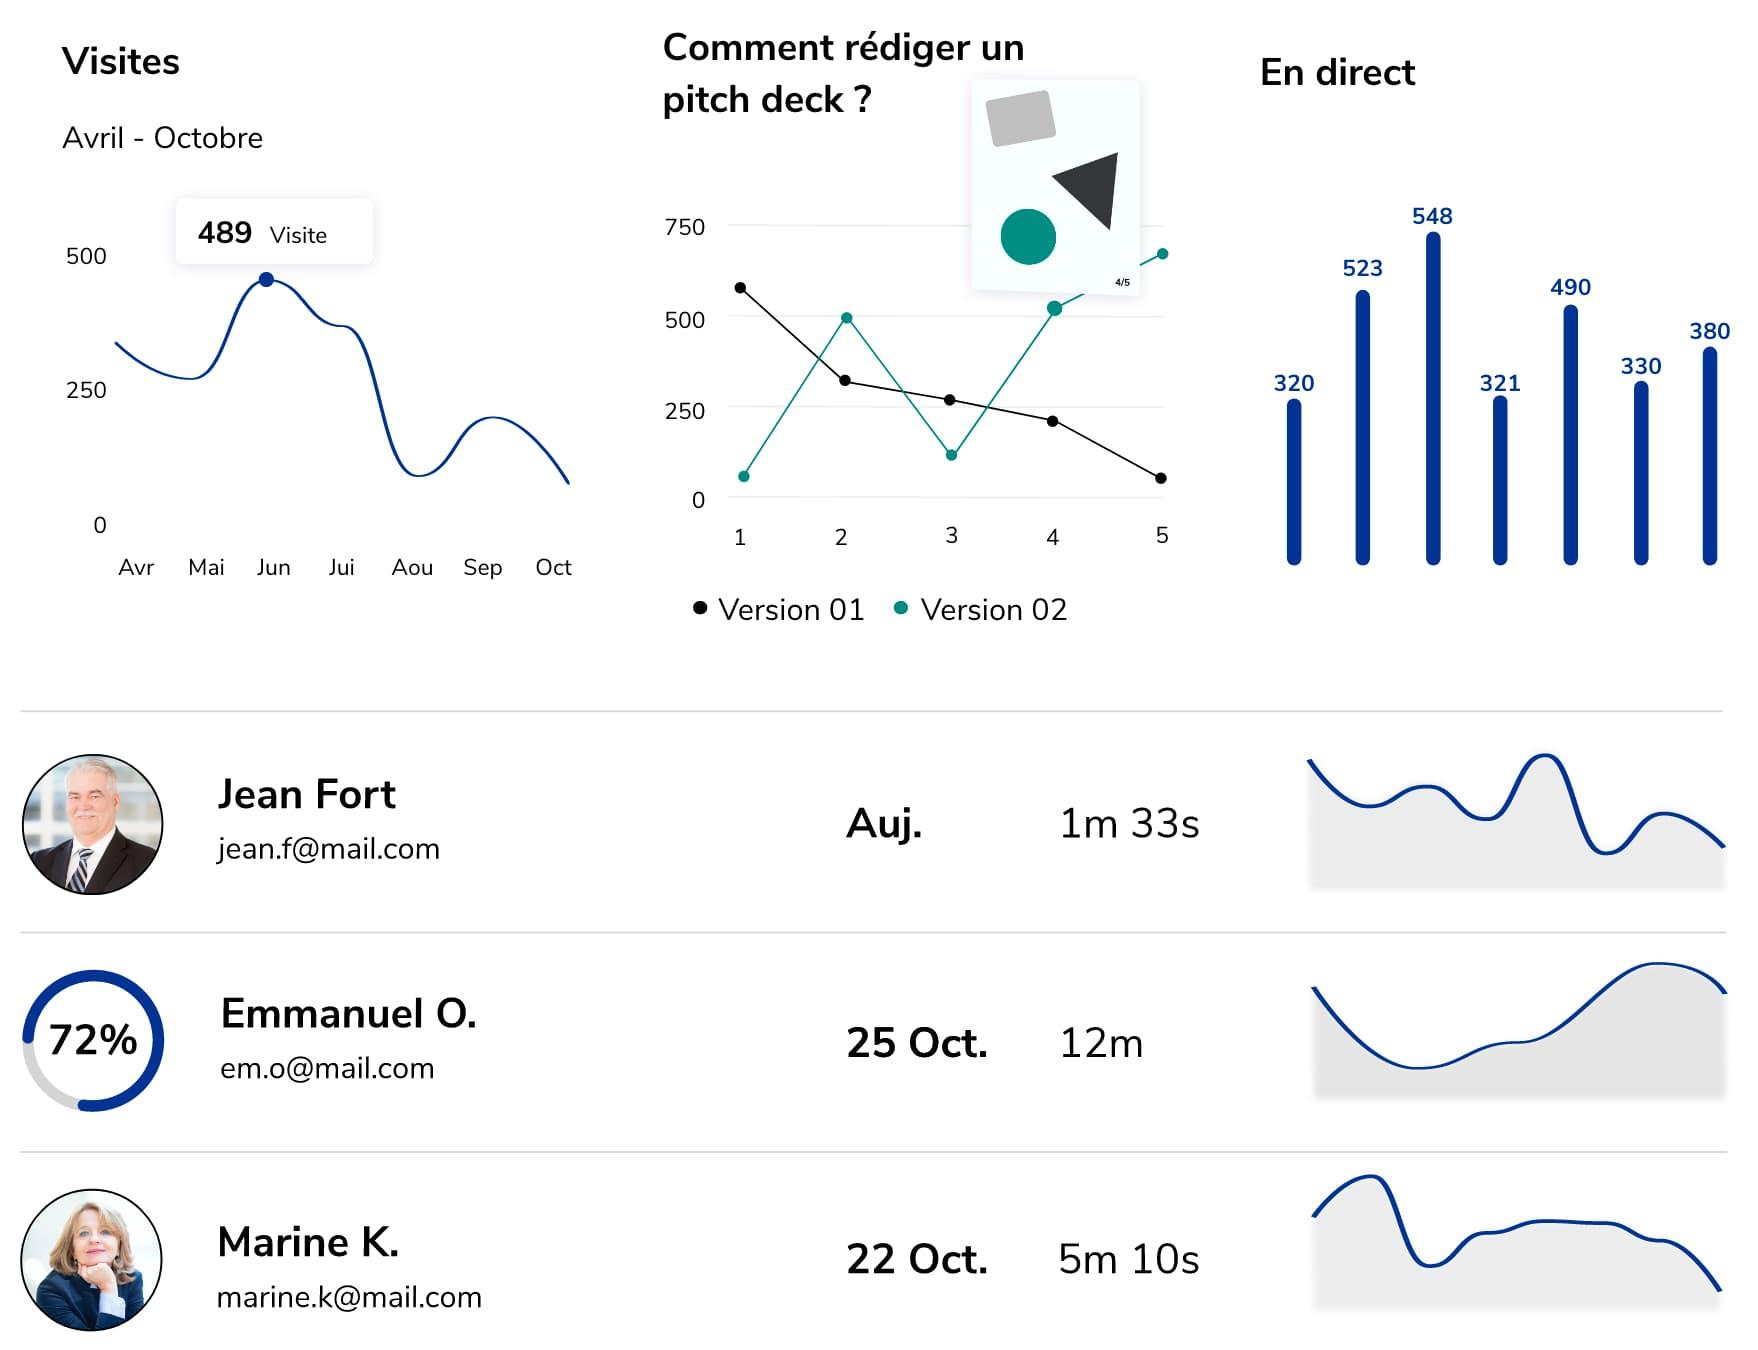 L'analyse en temps réel de contenu et le détail des consultations